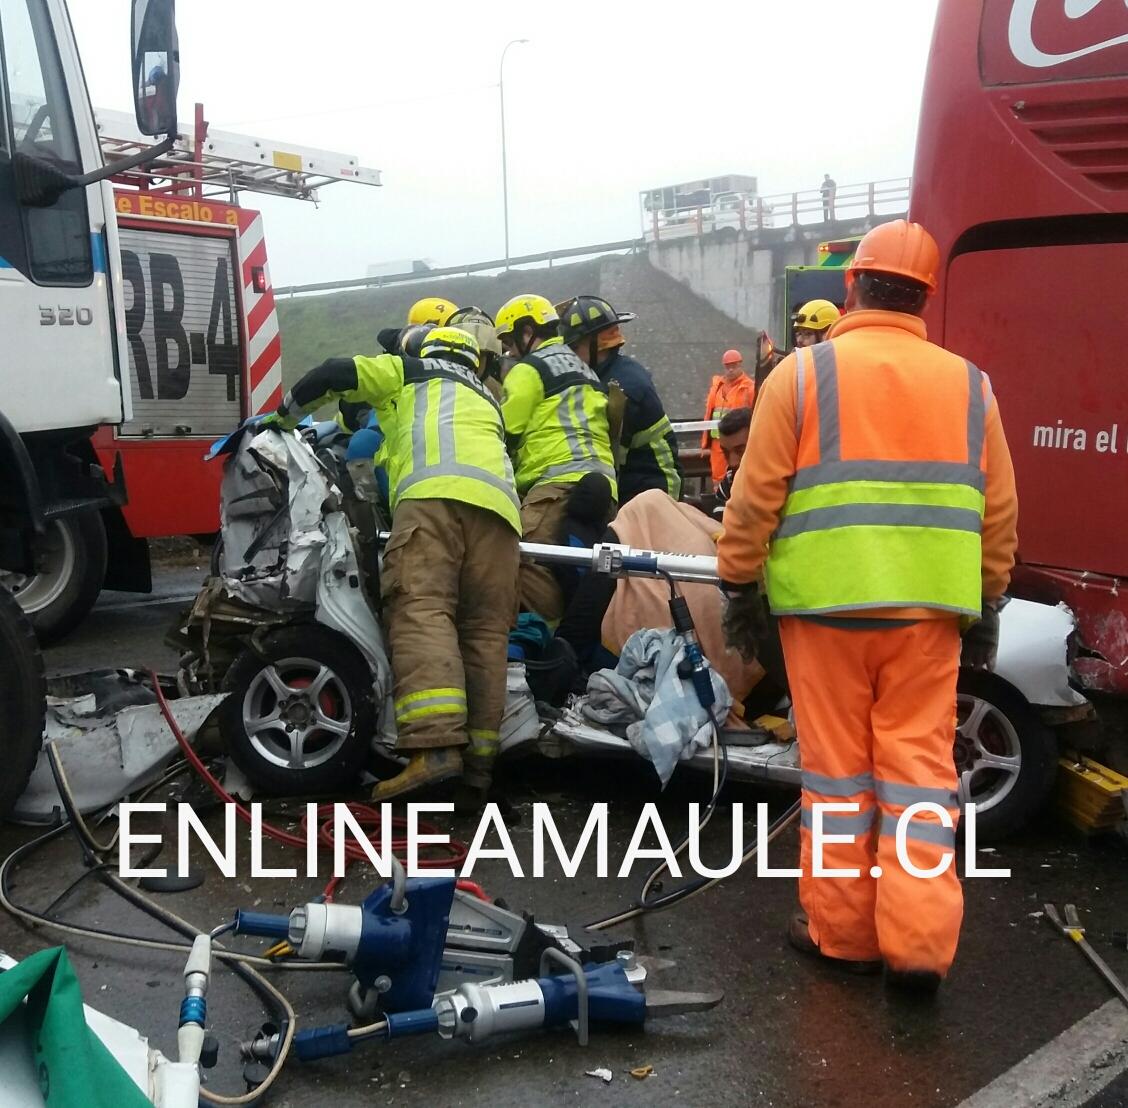 Fotos: Un muerto y dos heridos graves, fue el saldo de colisión múltiple en ruta cinco sur, frente a Talca